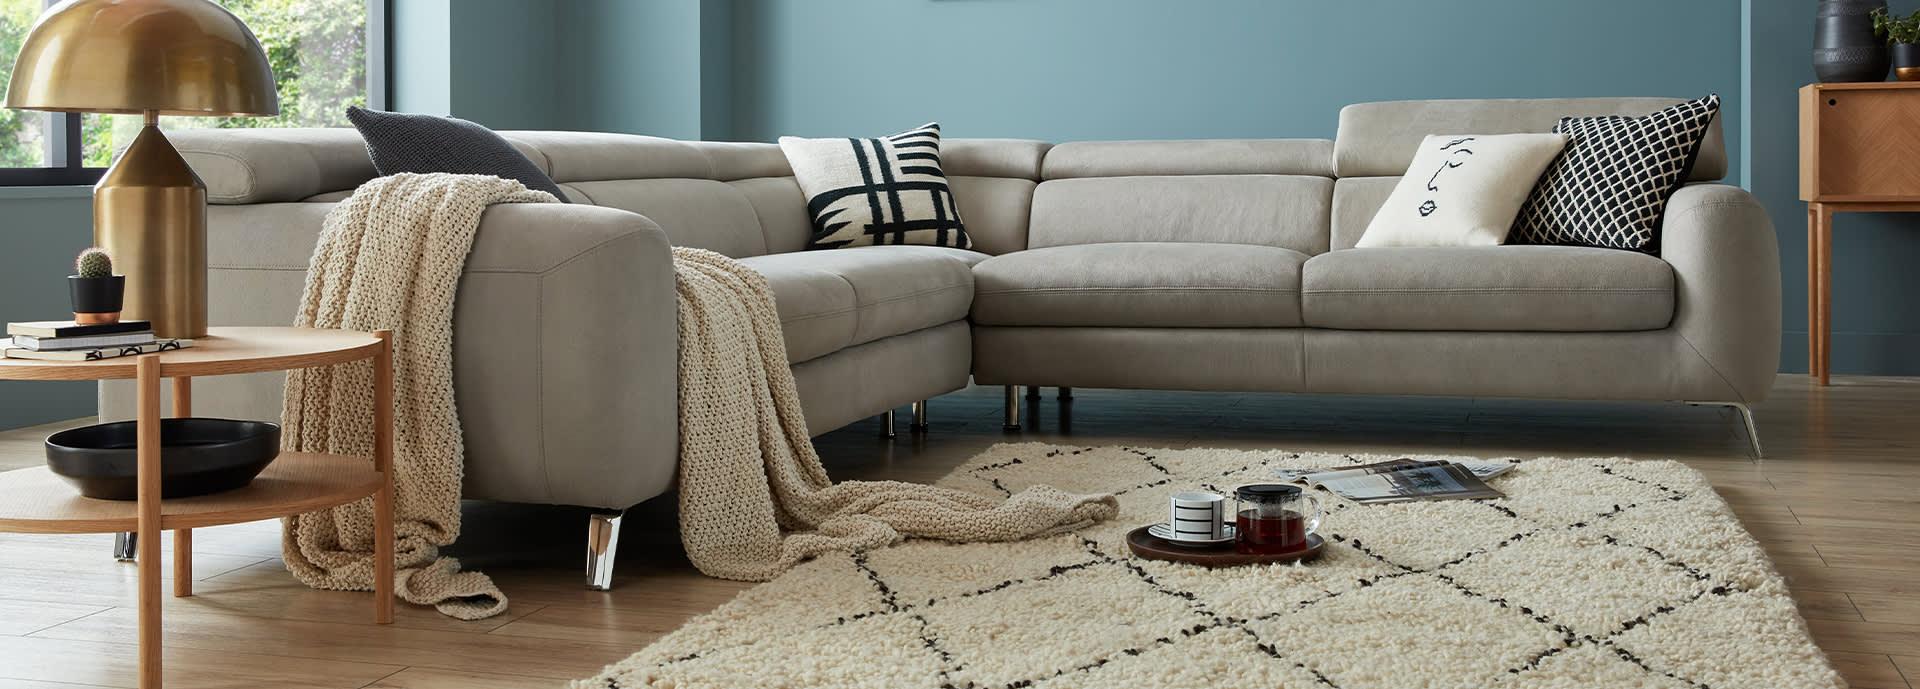 Sofology corner sofas buying guide